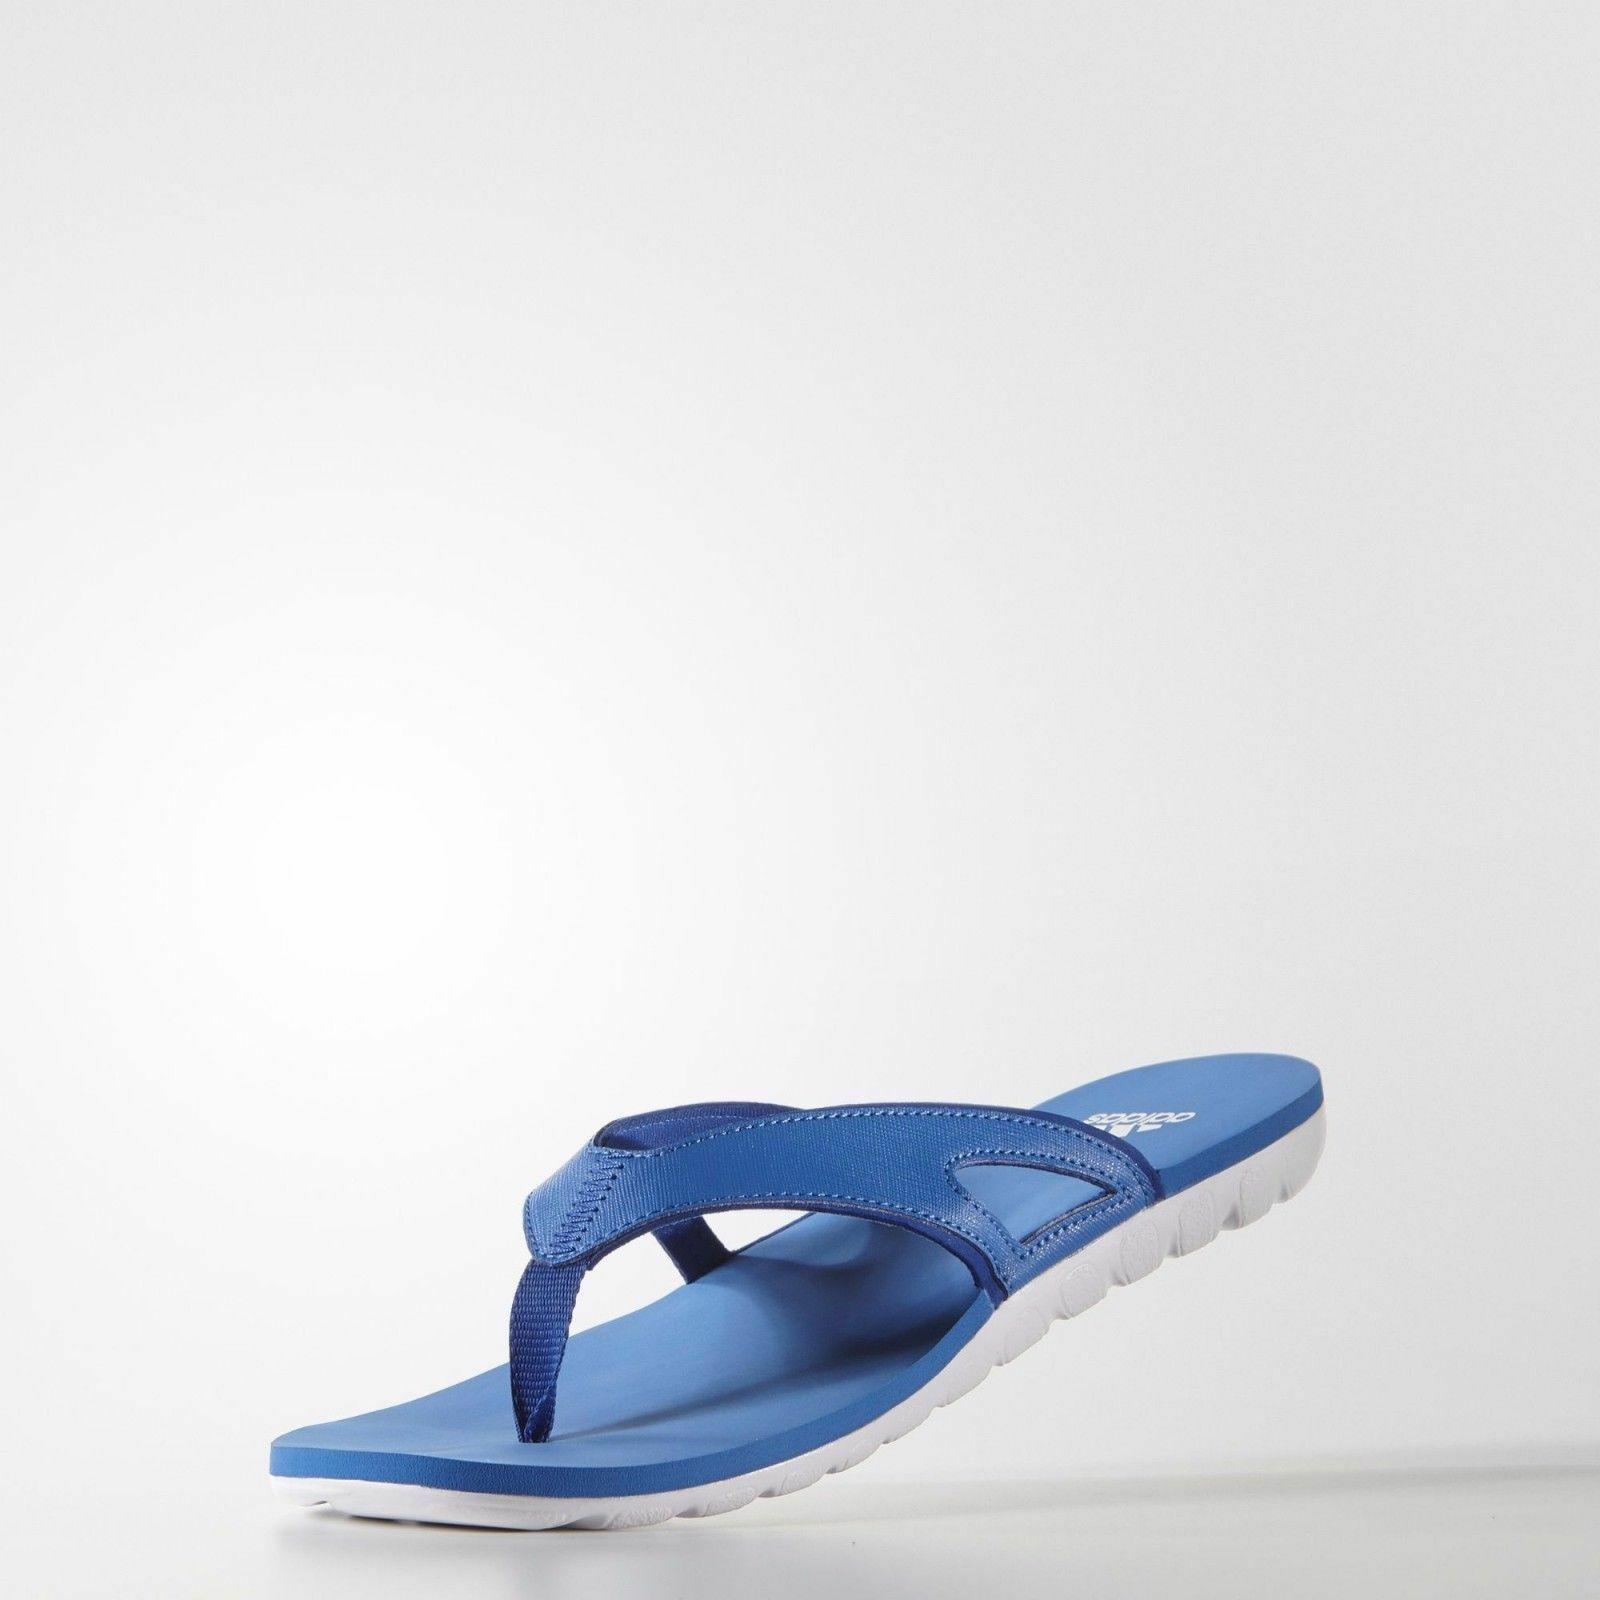 adidas Mens Calo 5 Flip Flops Sandals Pool Beach Shoes Slides image 4